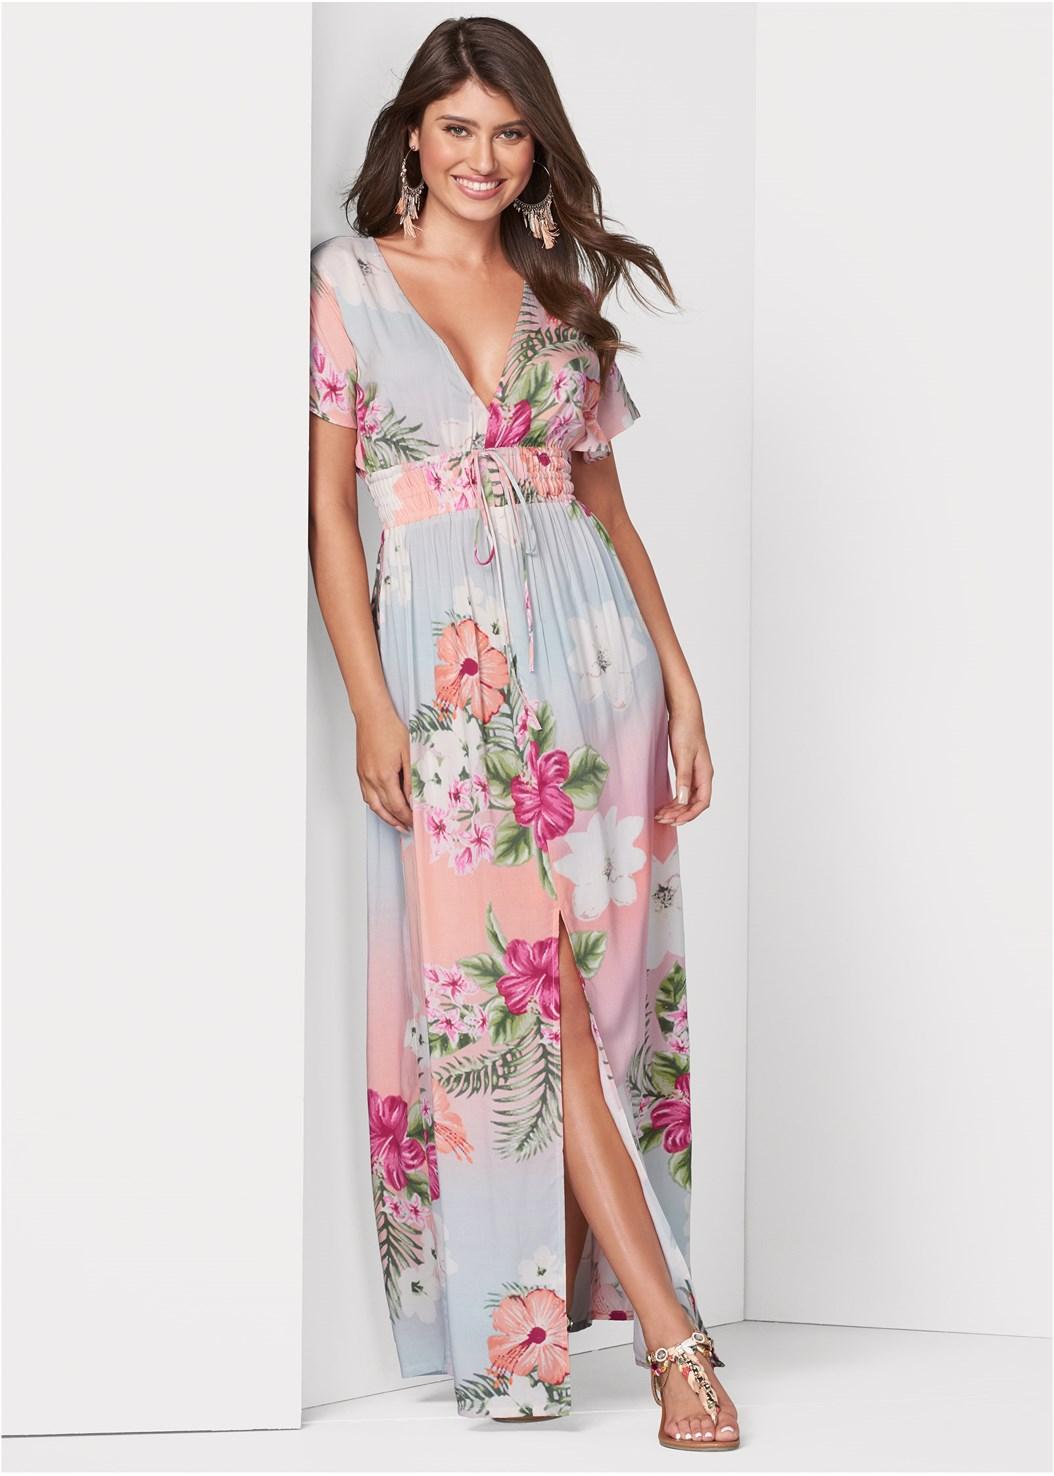 Floral Maxi Dress,Embellished Rope Sandals,Tassel Detail Hoop Earrings,Oversized Tassel Earrings,Circular Straw Bag